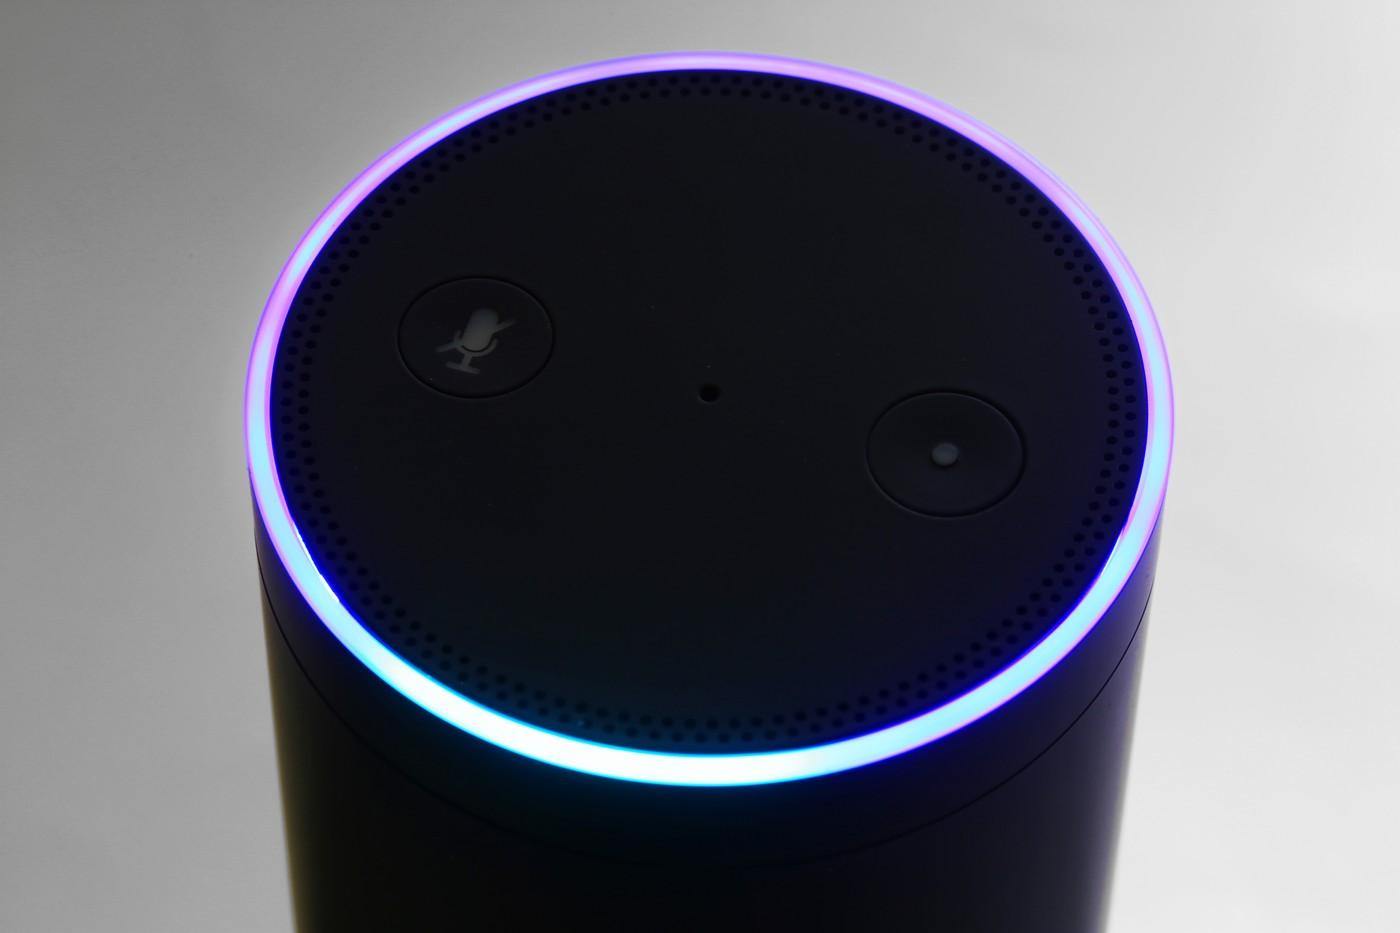 [張成秀] Amazon Echo:一秒鐘決定服務設計的品質